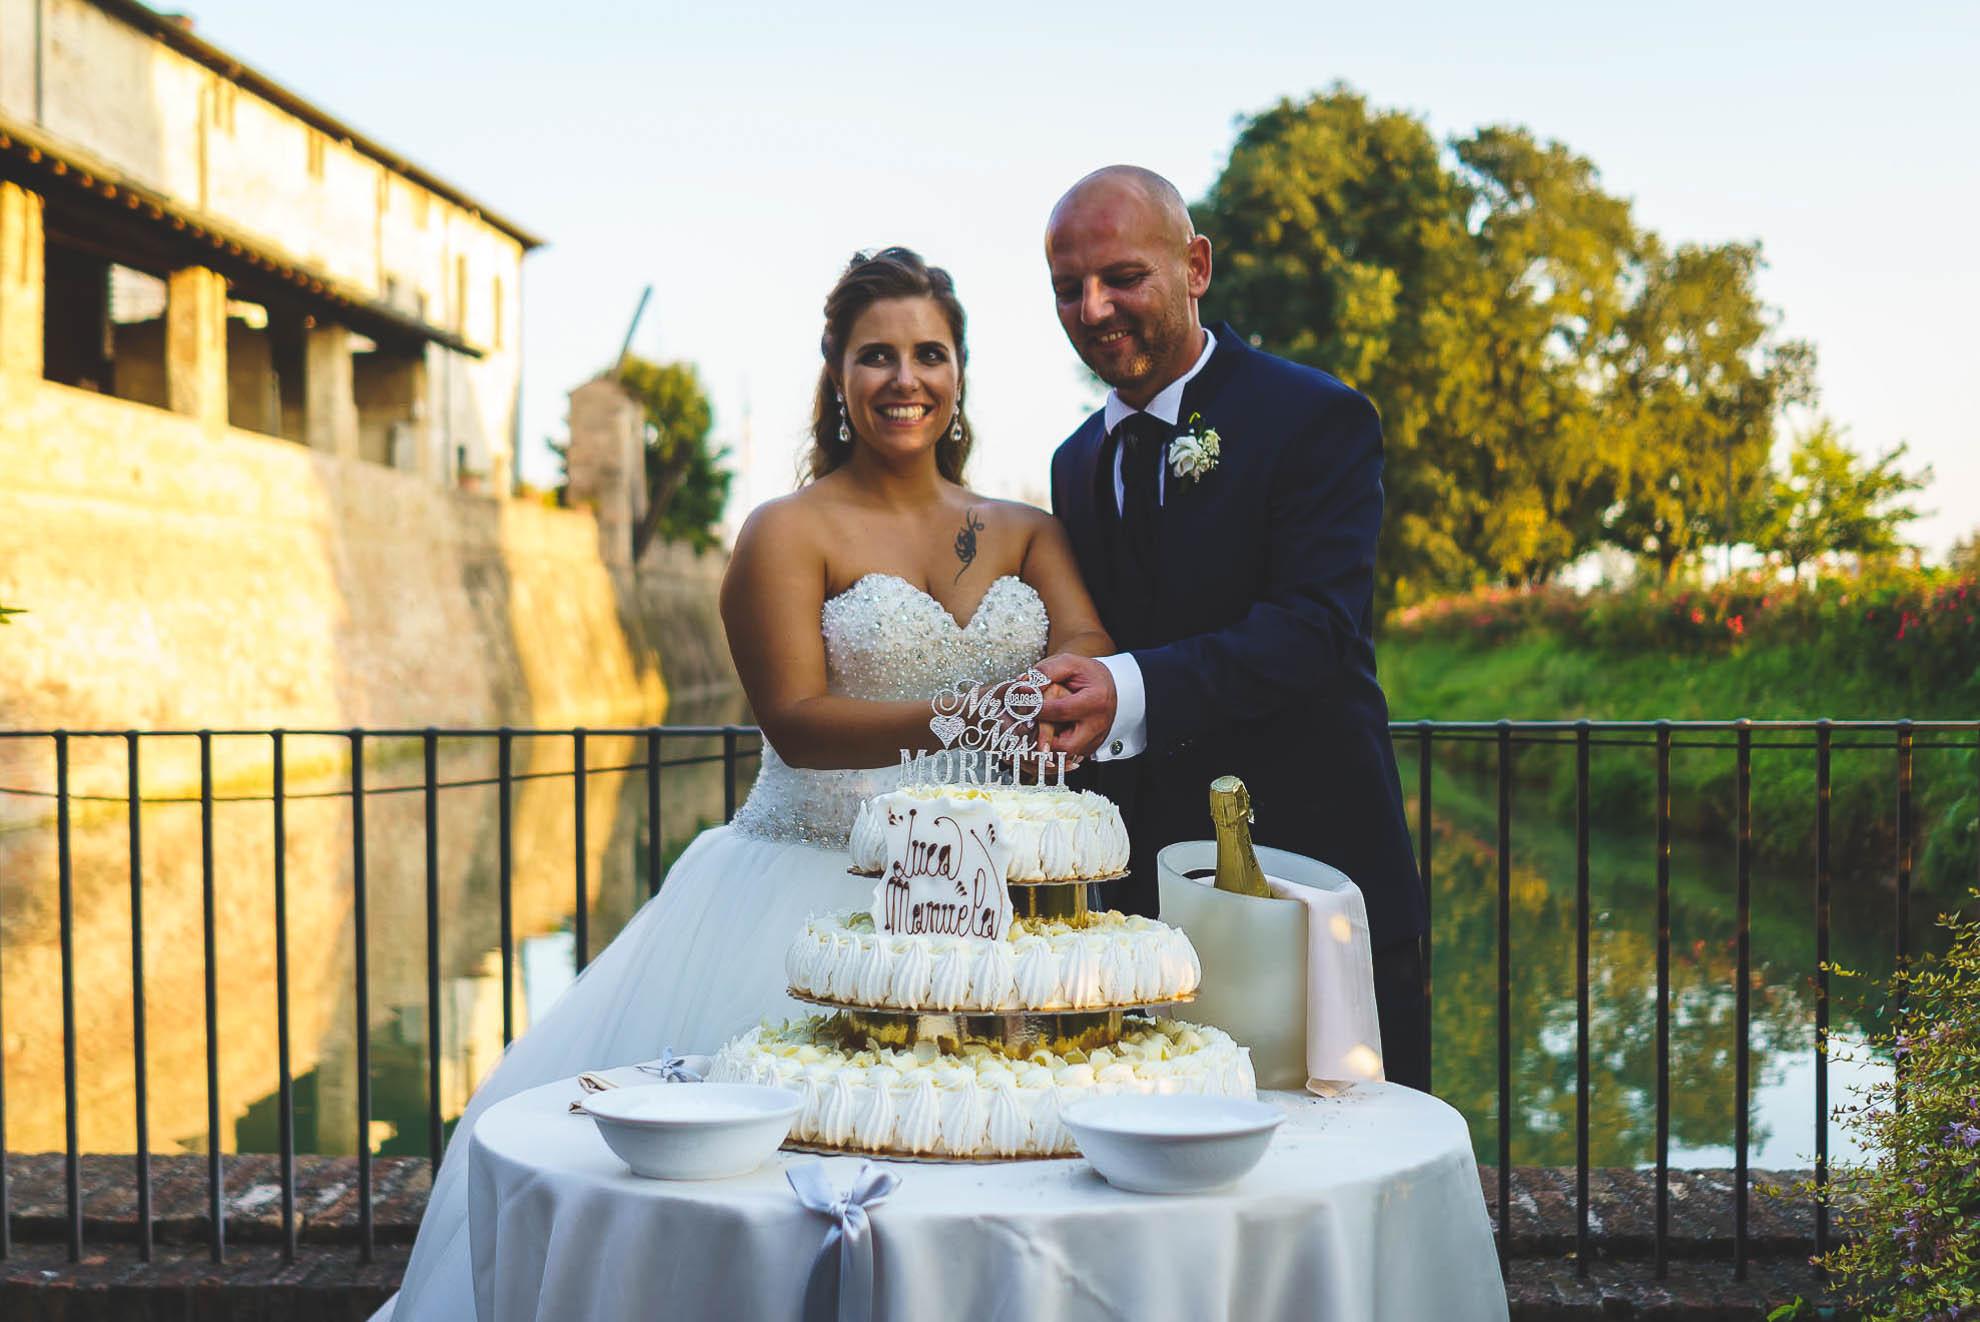 matrimonio al Castello di Pagazzano: il taglio della torta